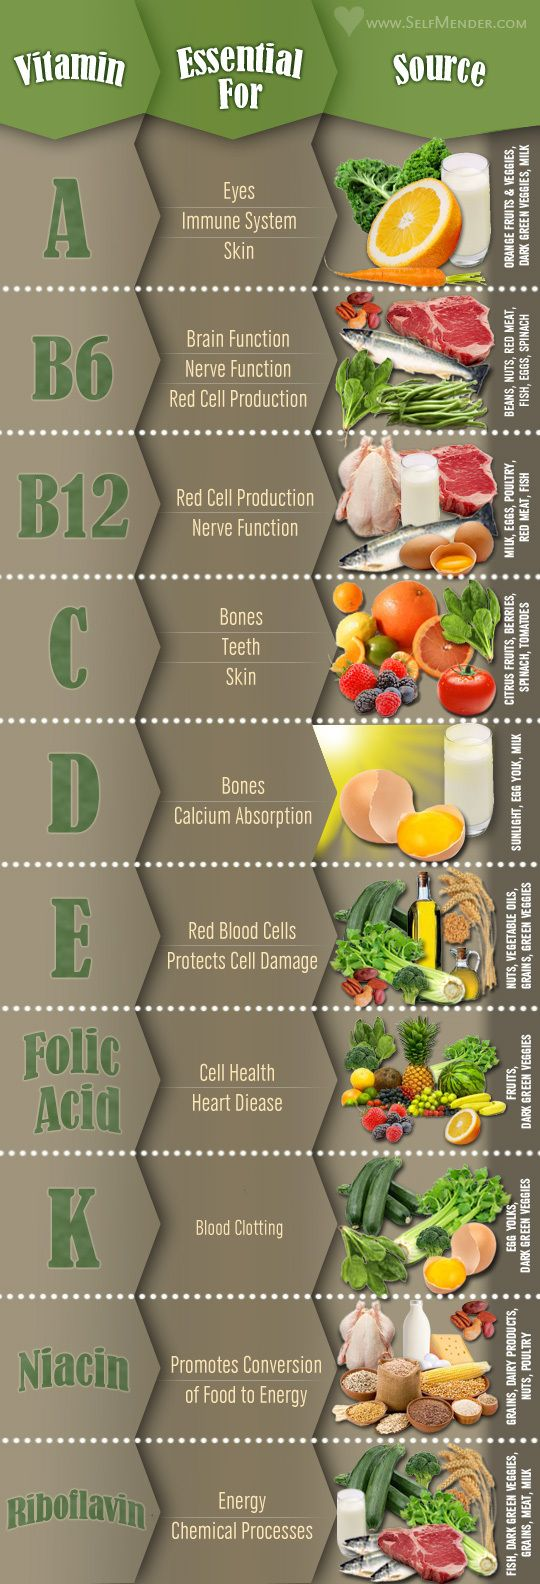 Les vitamines essentielles pour le corps humain, mais dans quels aliments on retrouve quoi? #Naturopathie #Alimentation